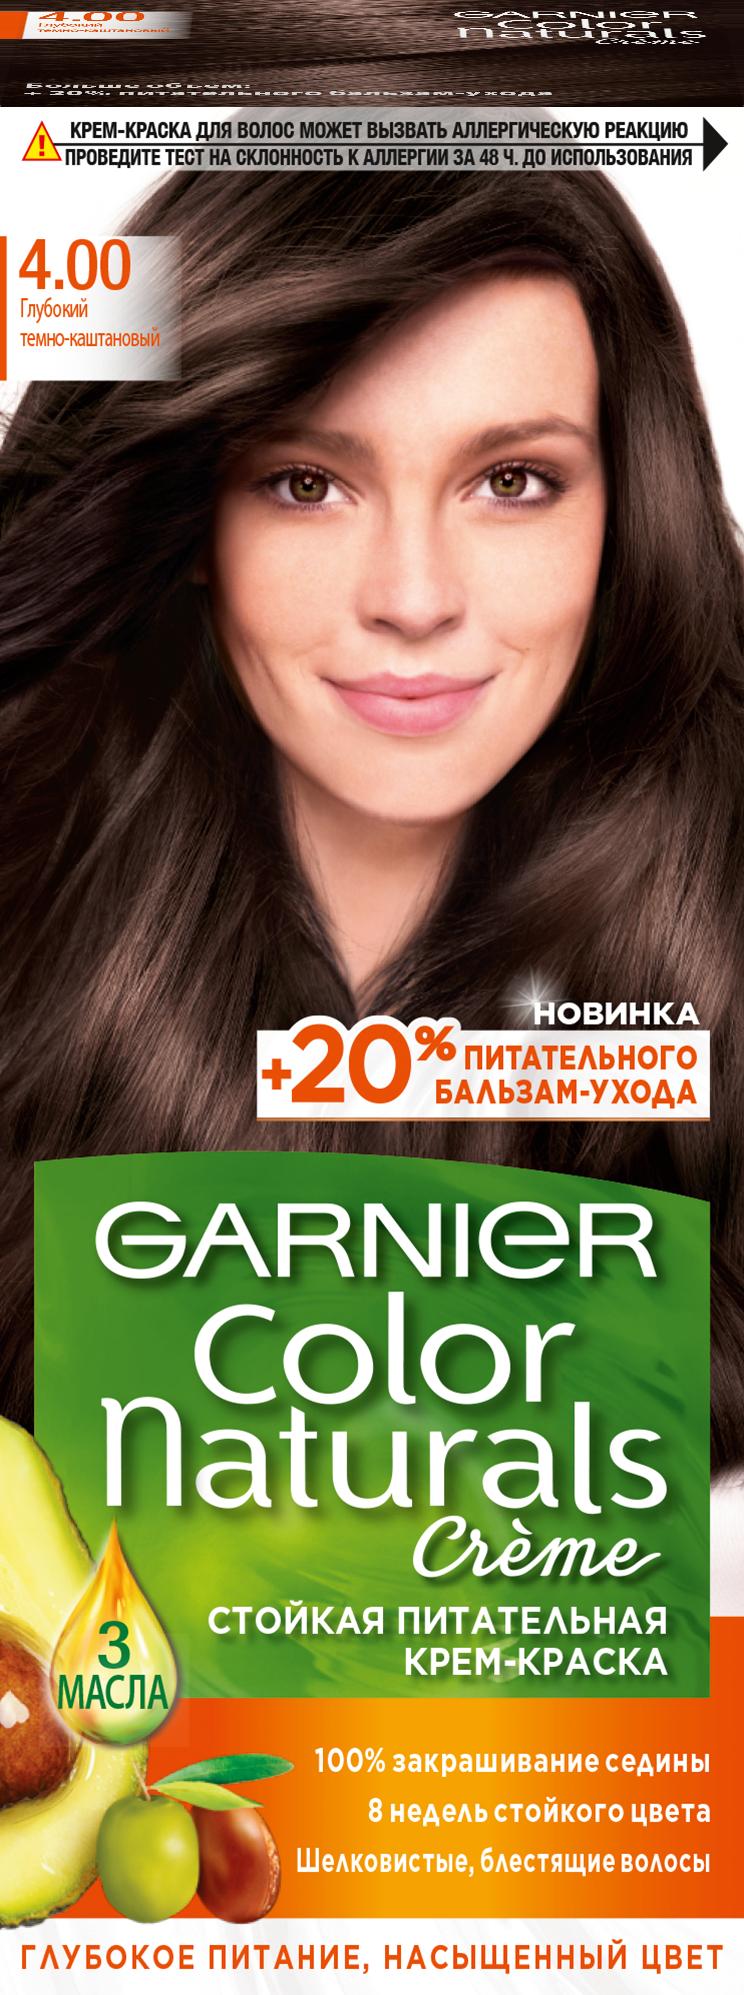 Купить Краска для волос Garnier Color Naturals Глубокий темно-каштановый C5751500, тон 4.00